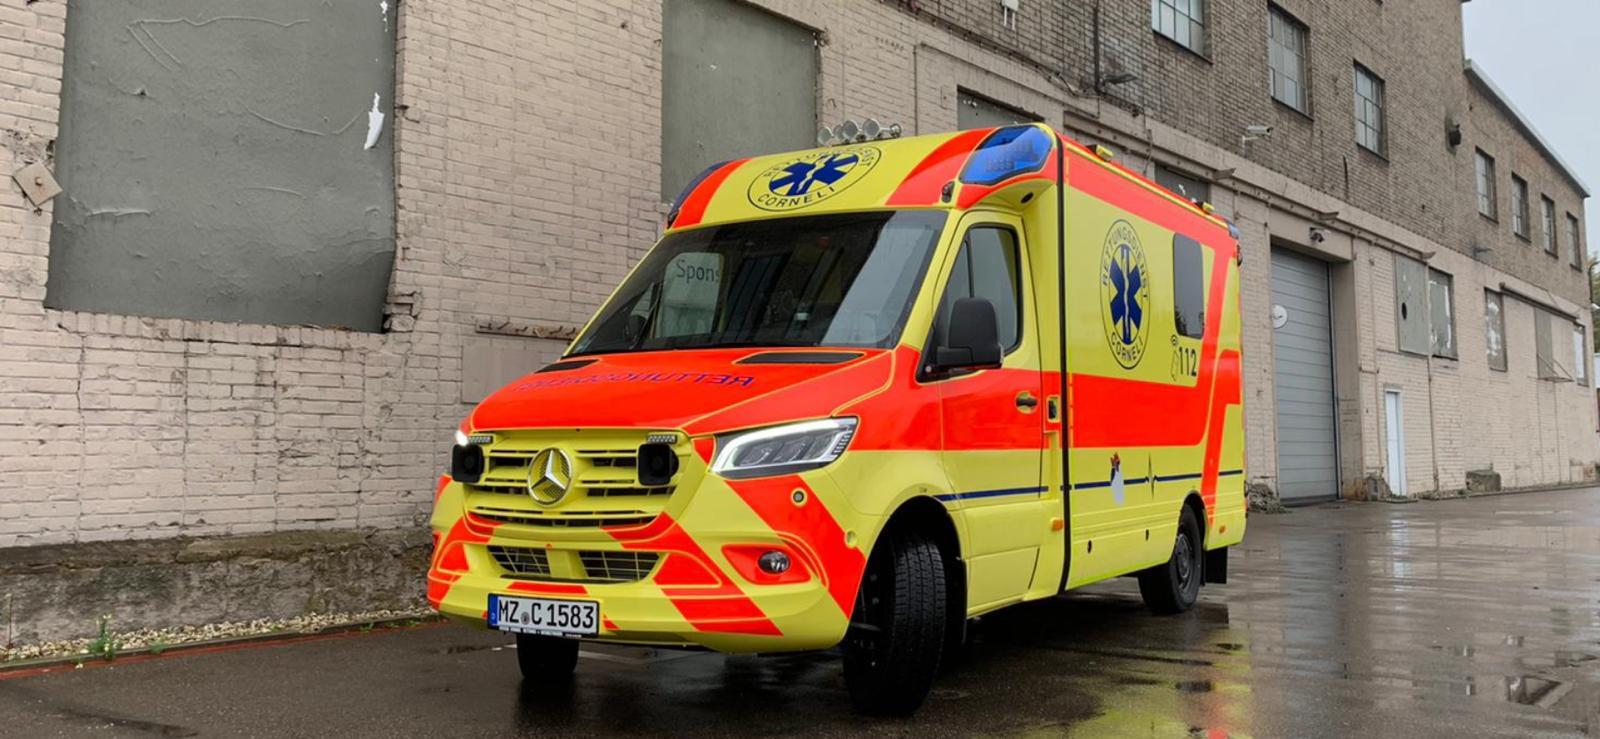 neuer Rettungswagen